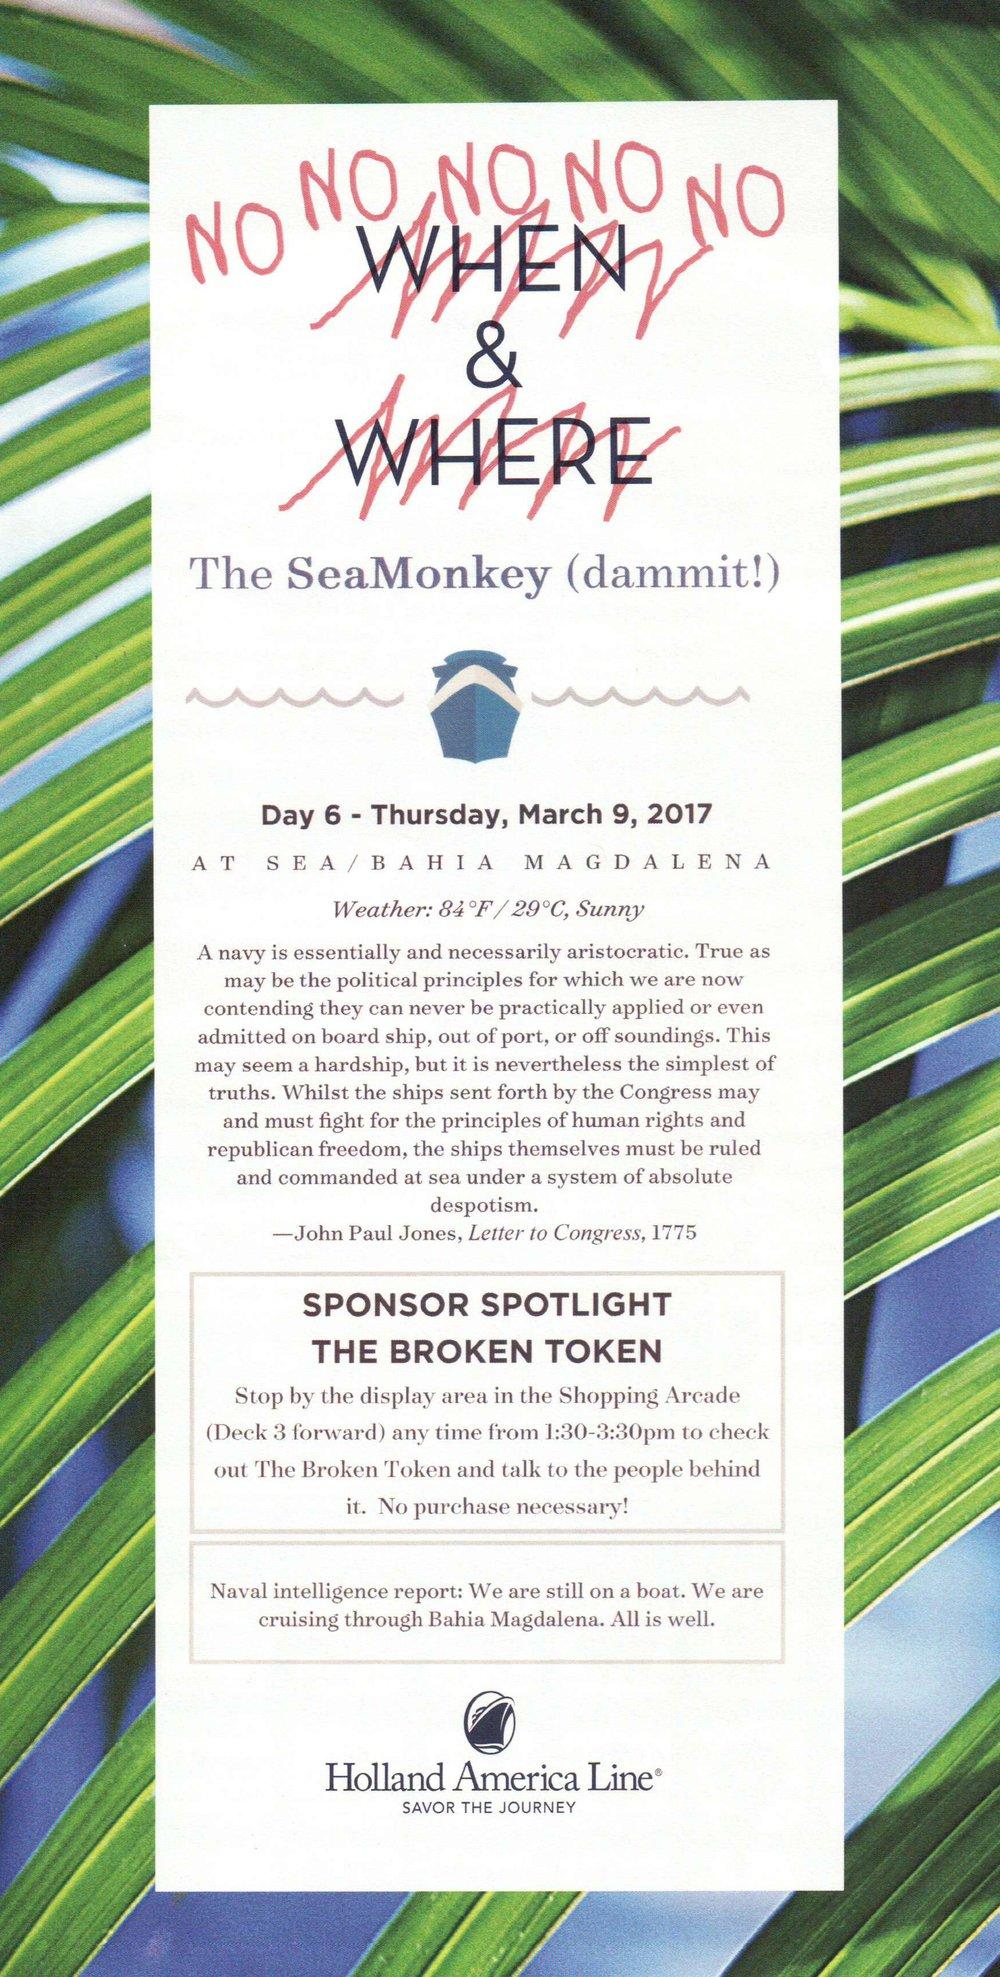 SeaMonkey Day 6